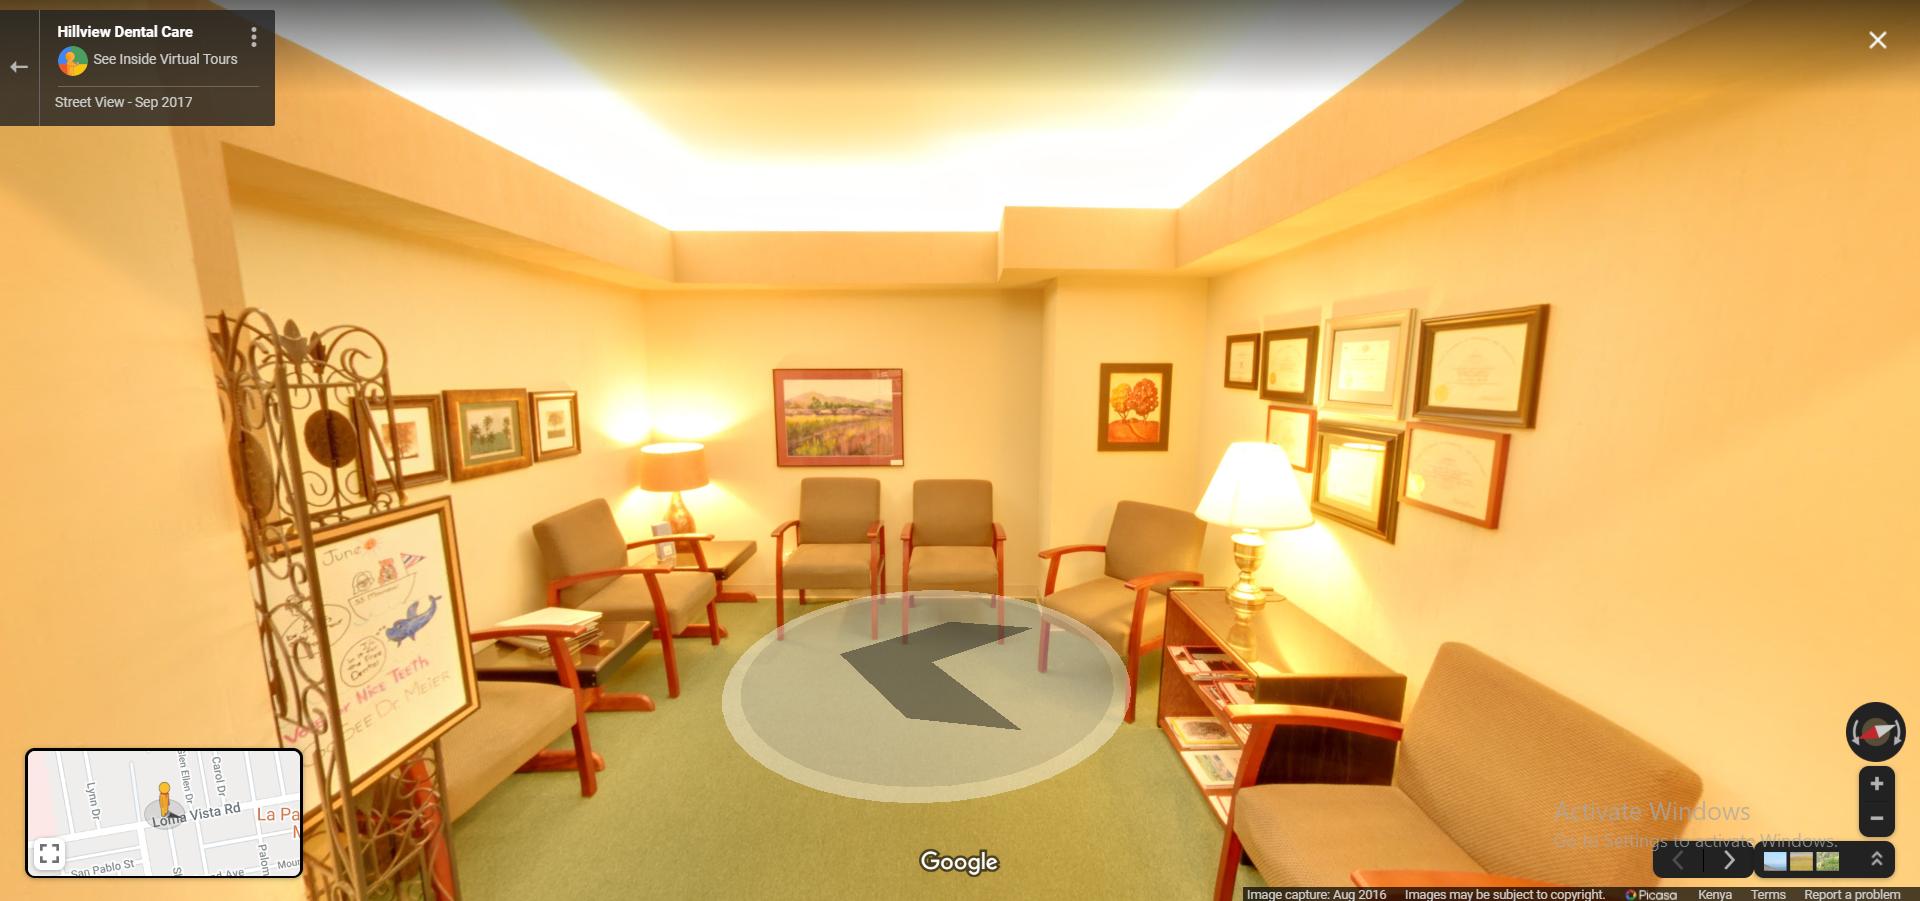 Hillview Dental Care - Ventura